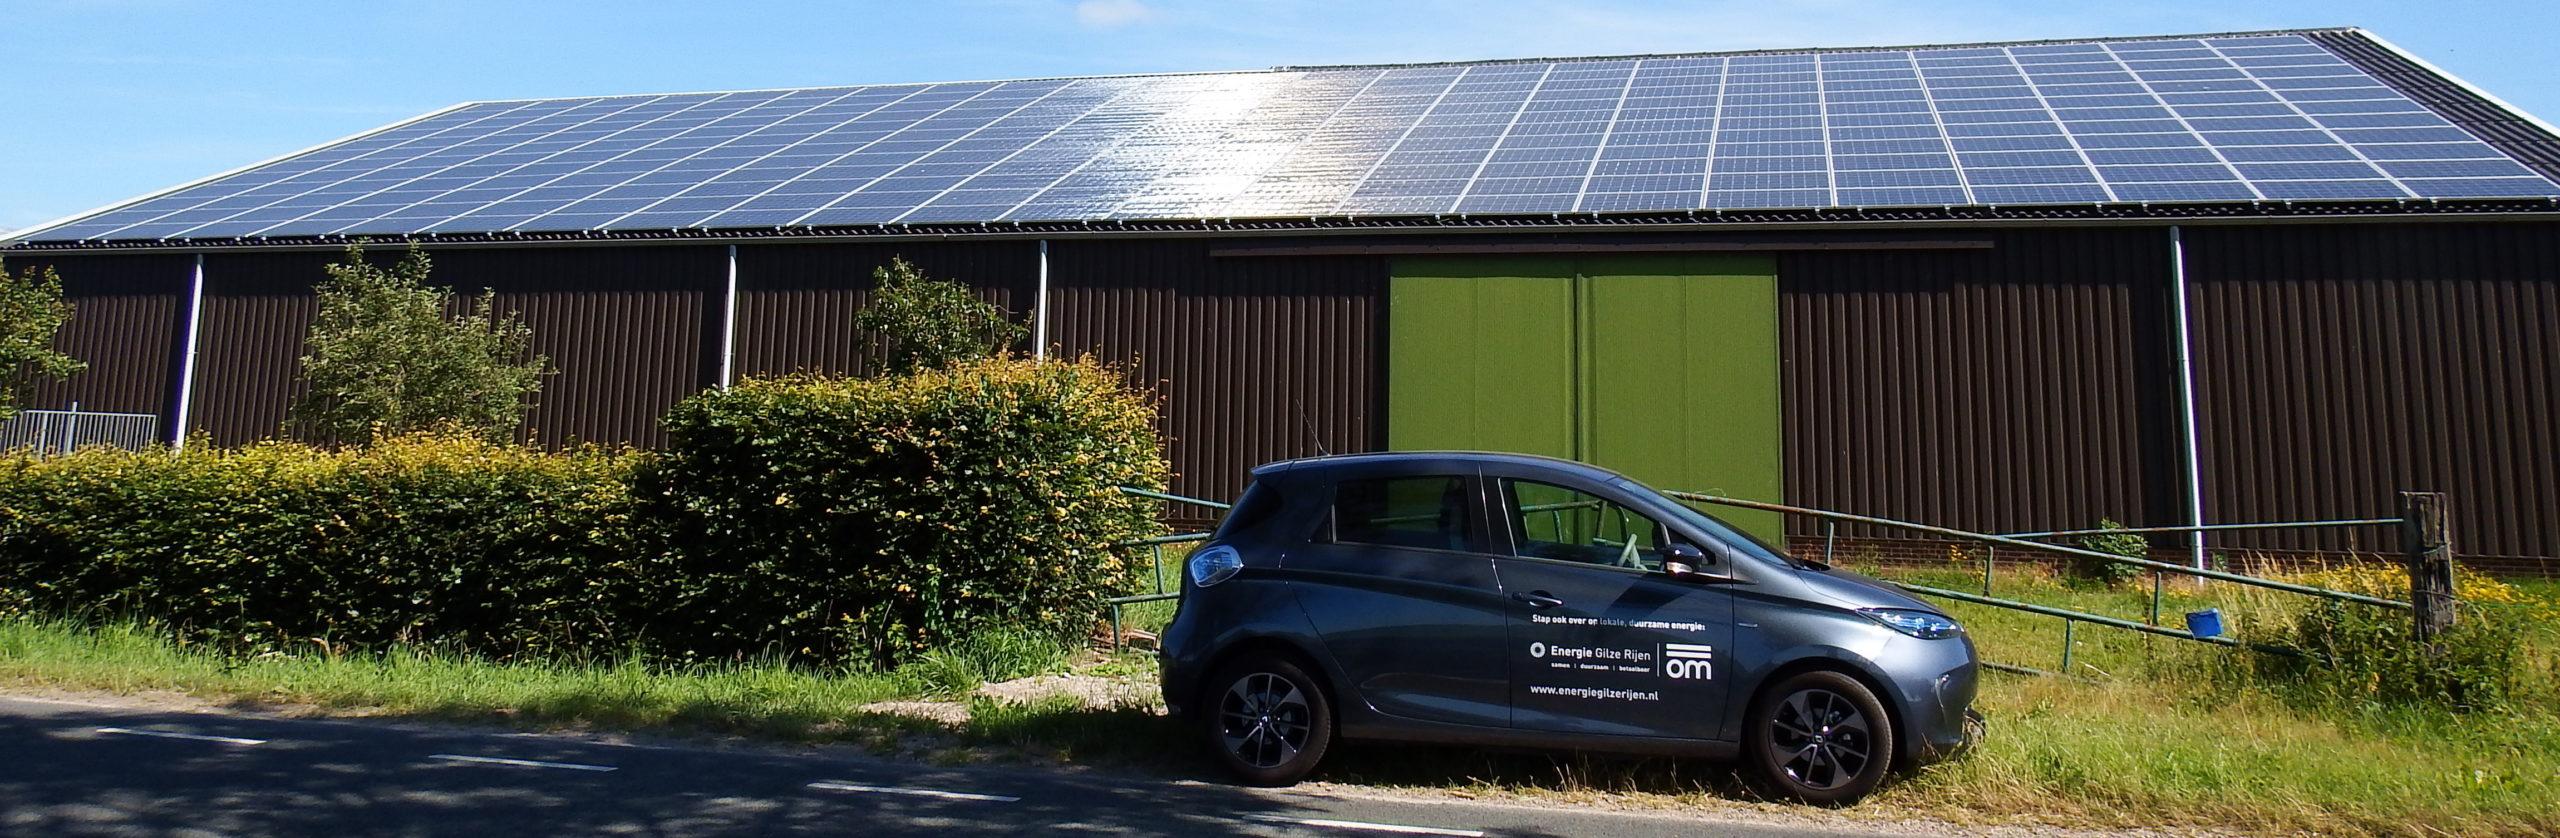 GO GREEN SLUIT JE AAN BIJ 100% GROENE LOKALE ENERGIE